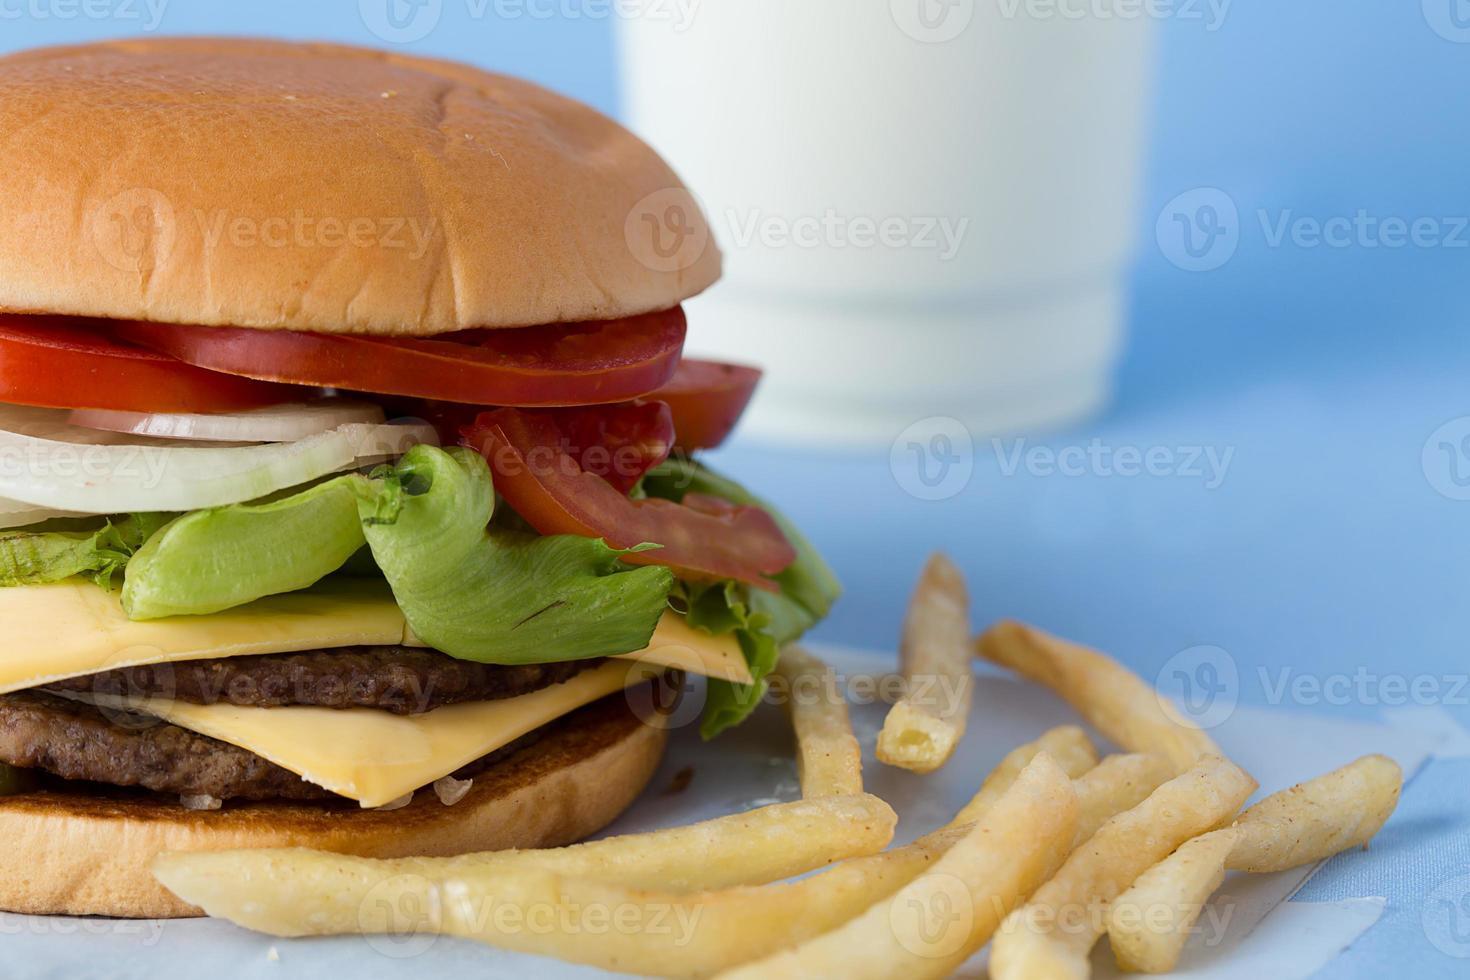 délicieux burger au fromage avec lait et sauce tomate photo